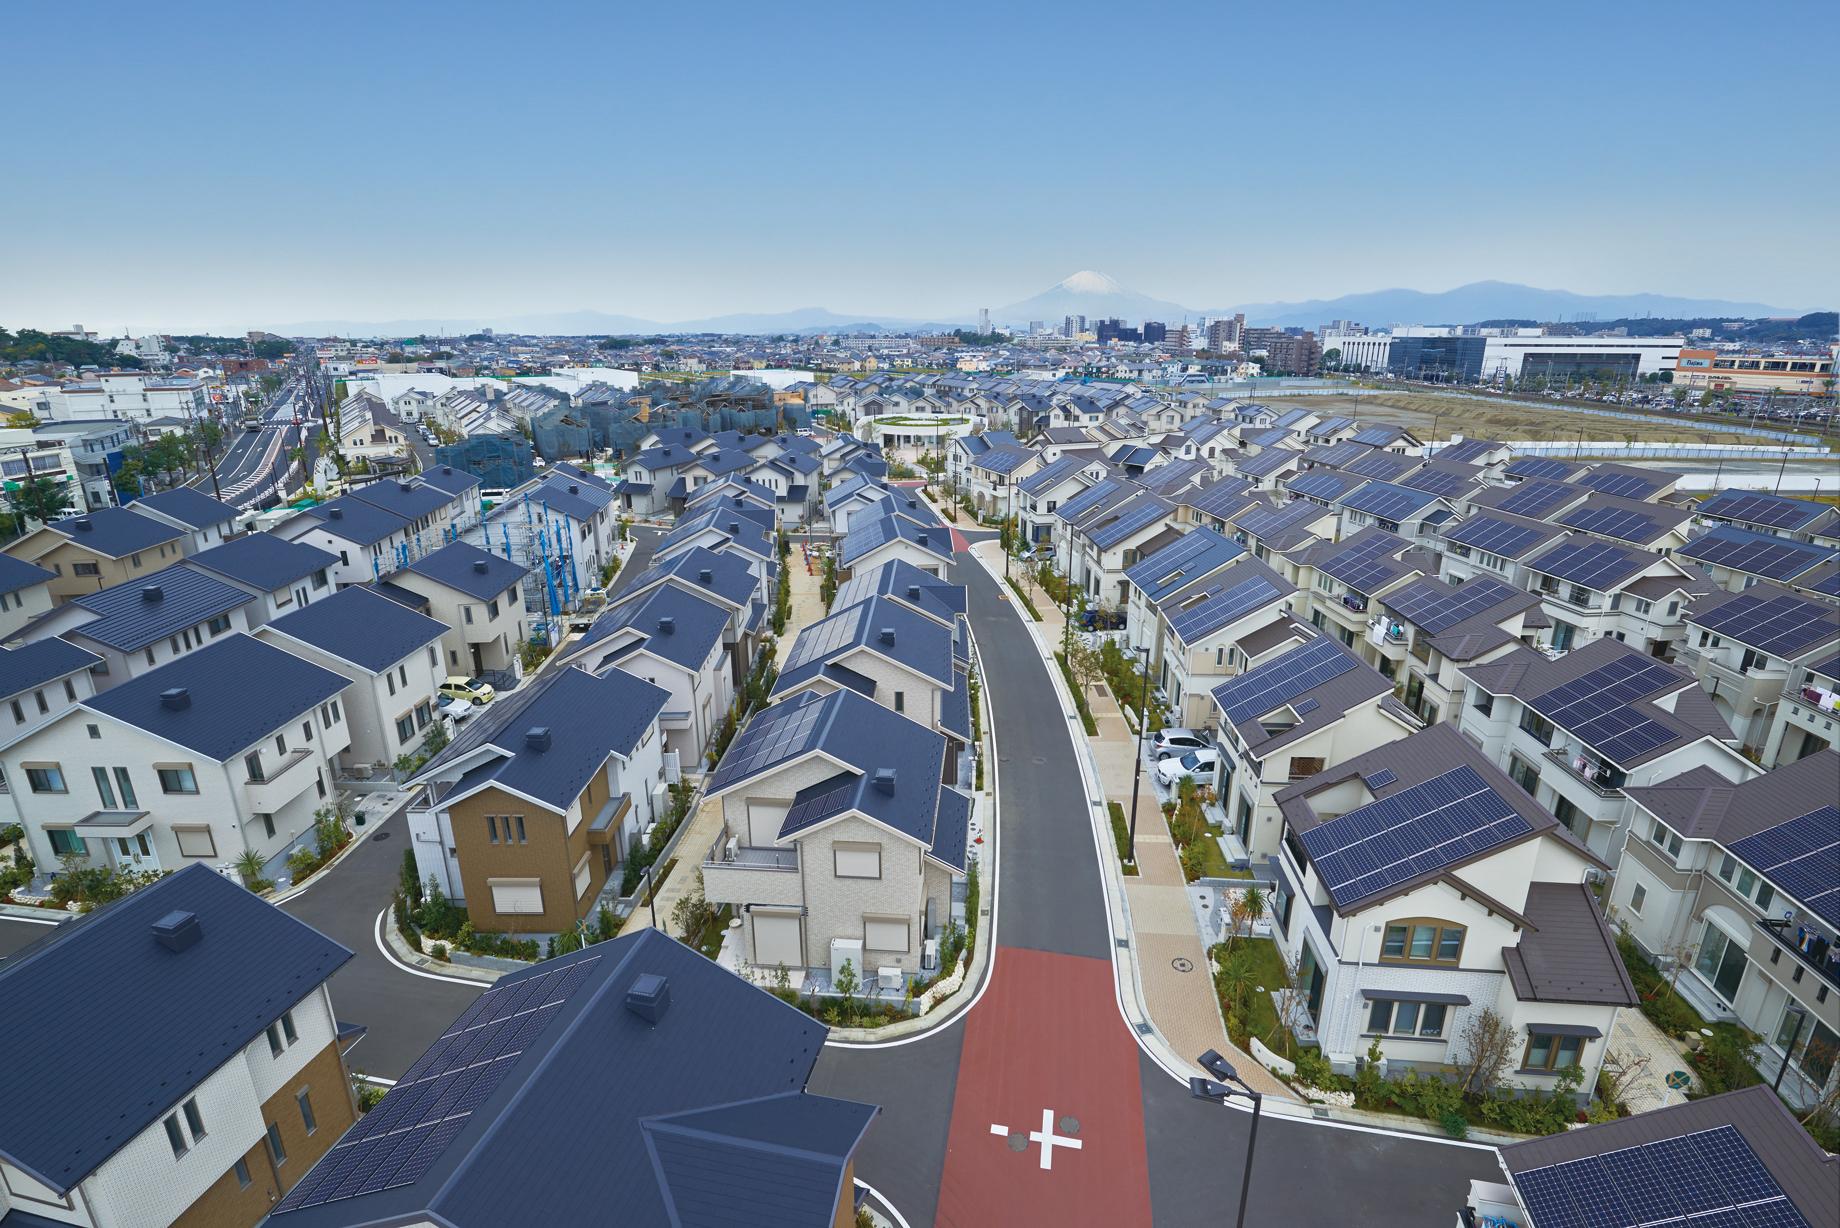 Fujisawa SST: Conheça a cidade inteligente e sustentável do Japão